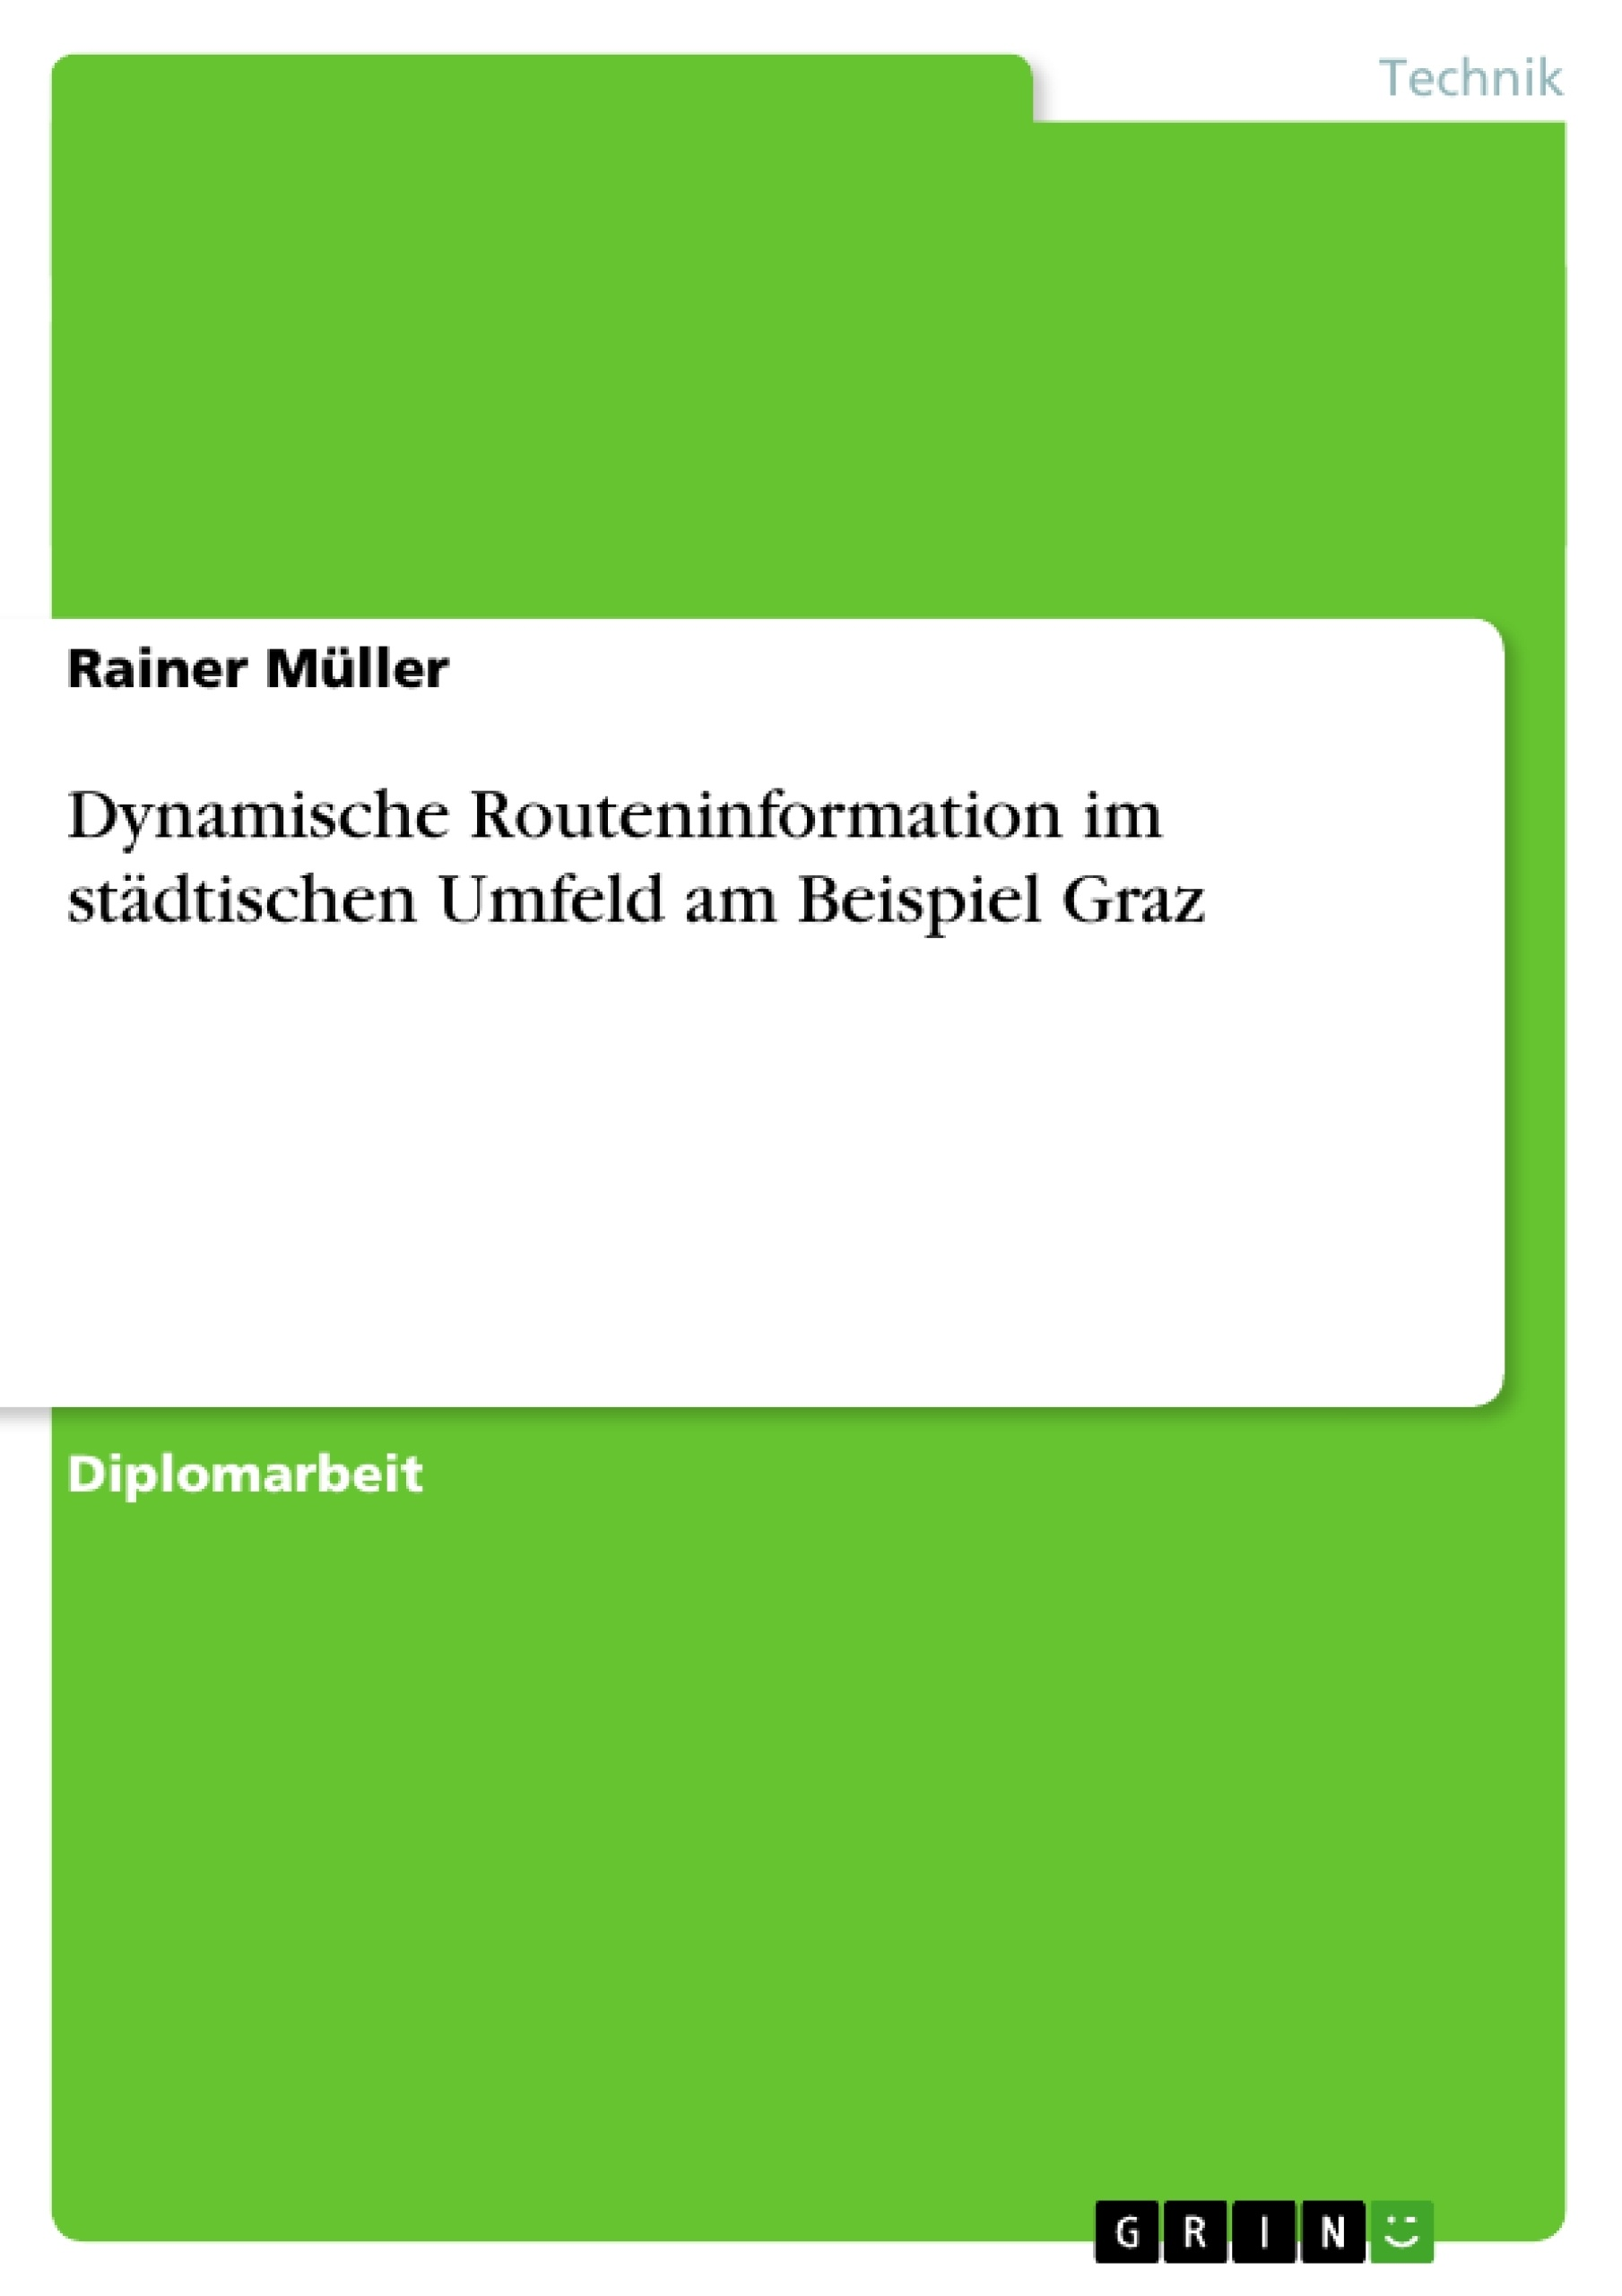 Titel: Dynamische Routeninformation im städtischen Umfeld am Beispiel Graz